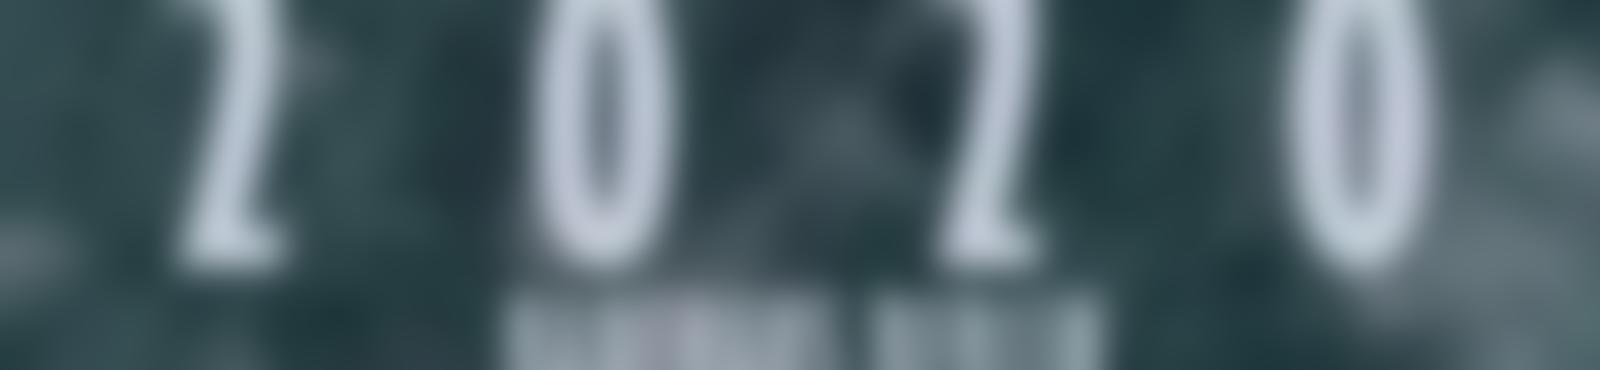 Blurred 038d879d c6b5 448a b99f dda9e3bb3dfd